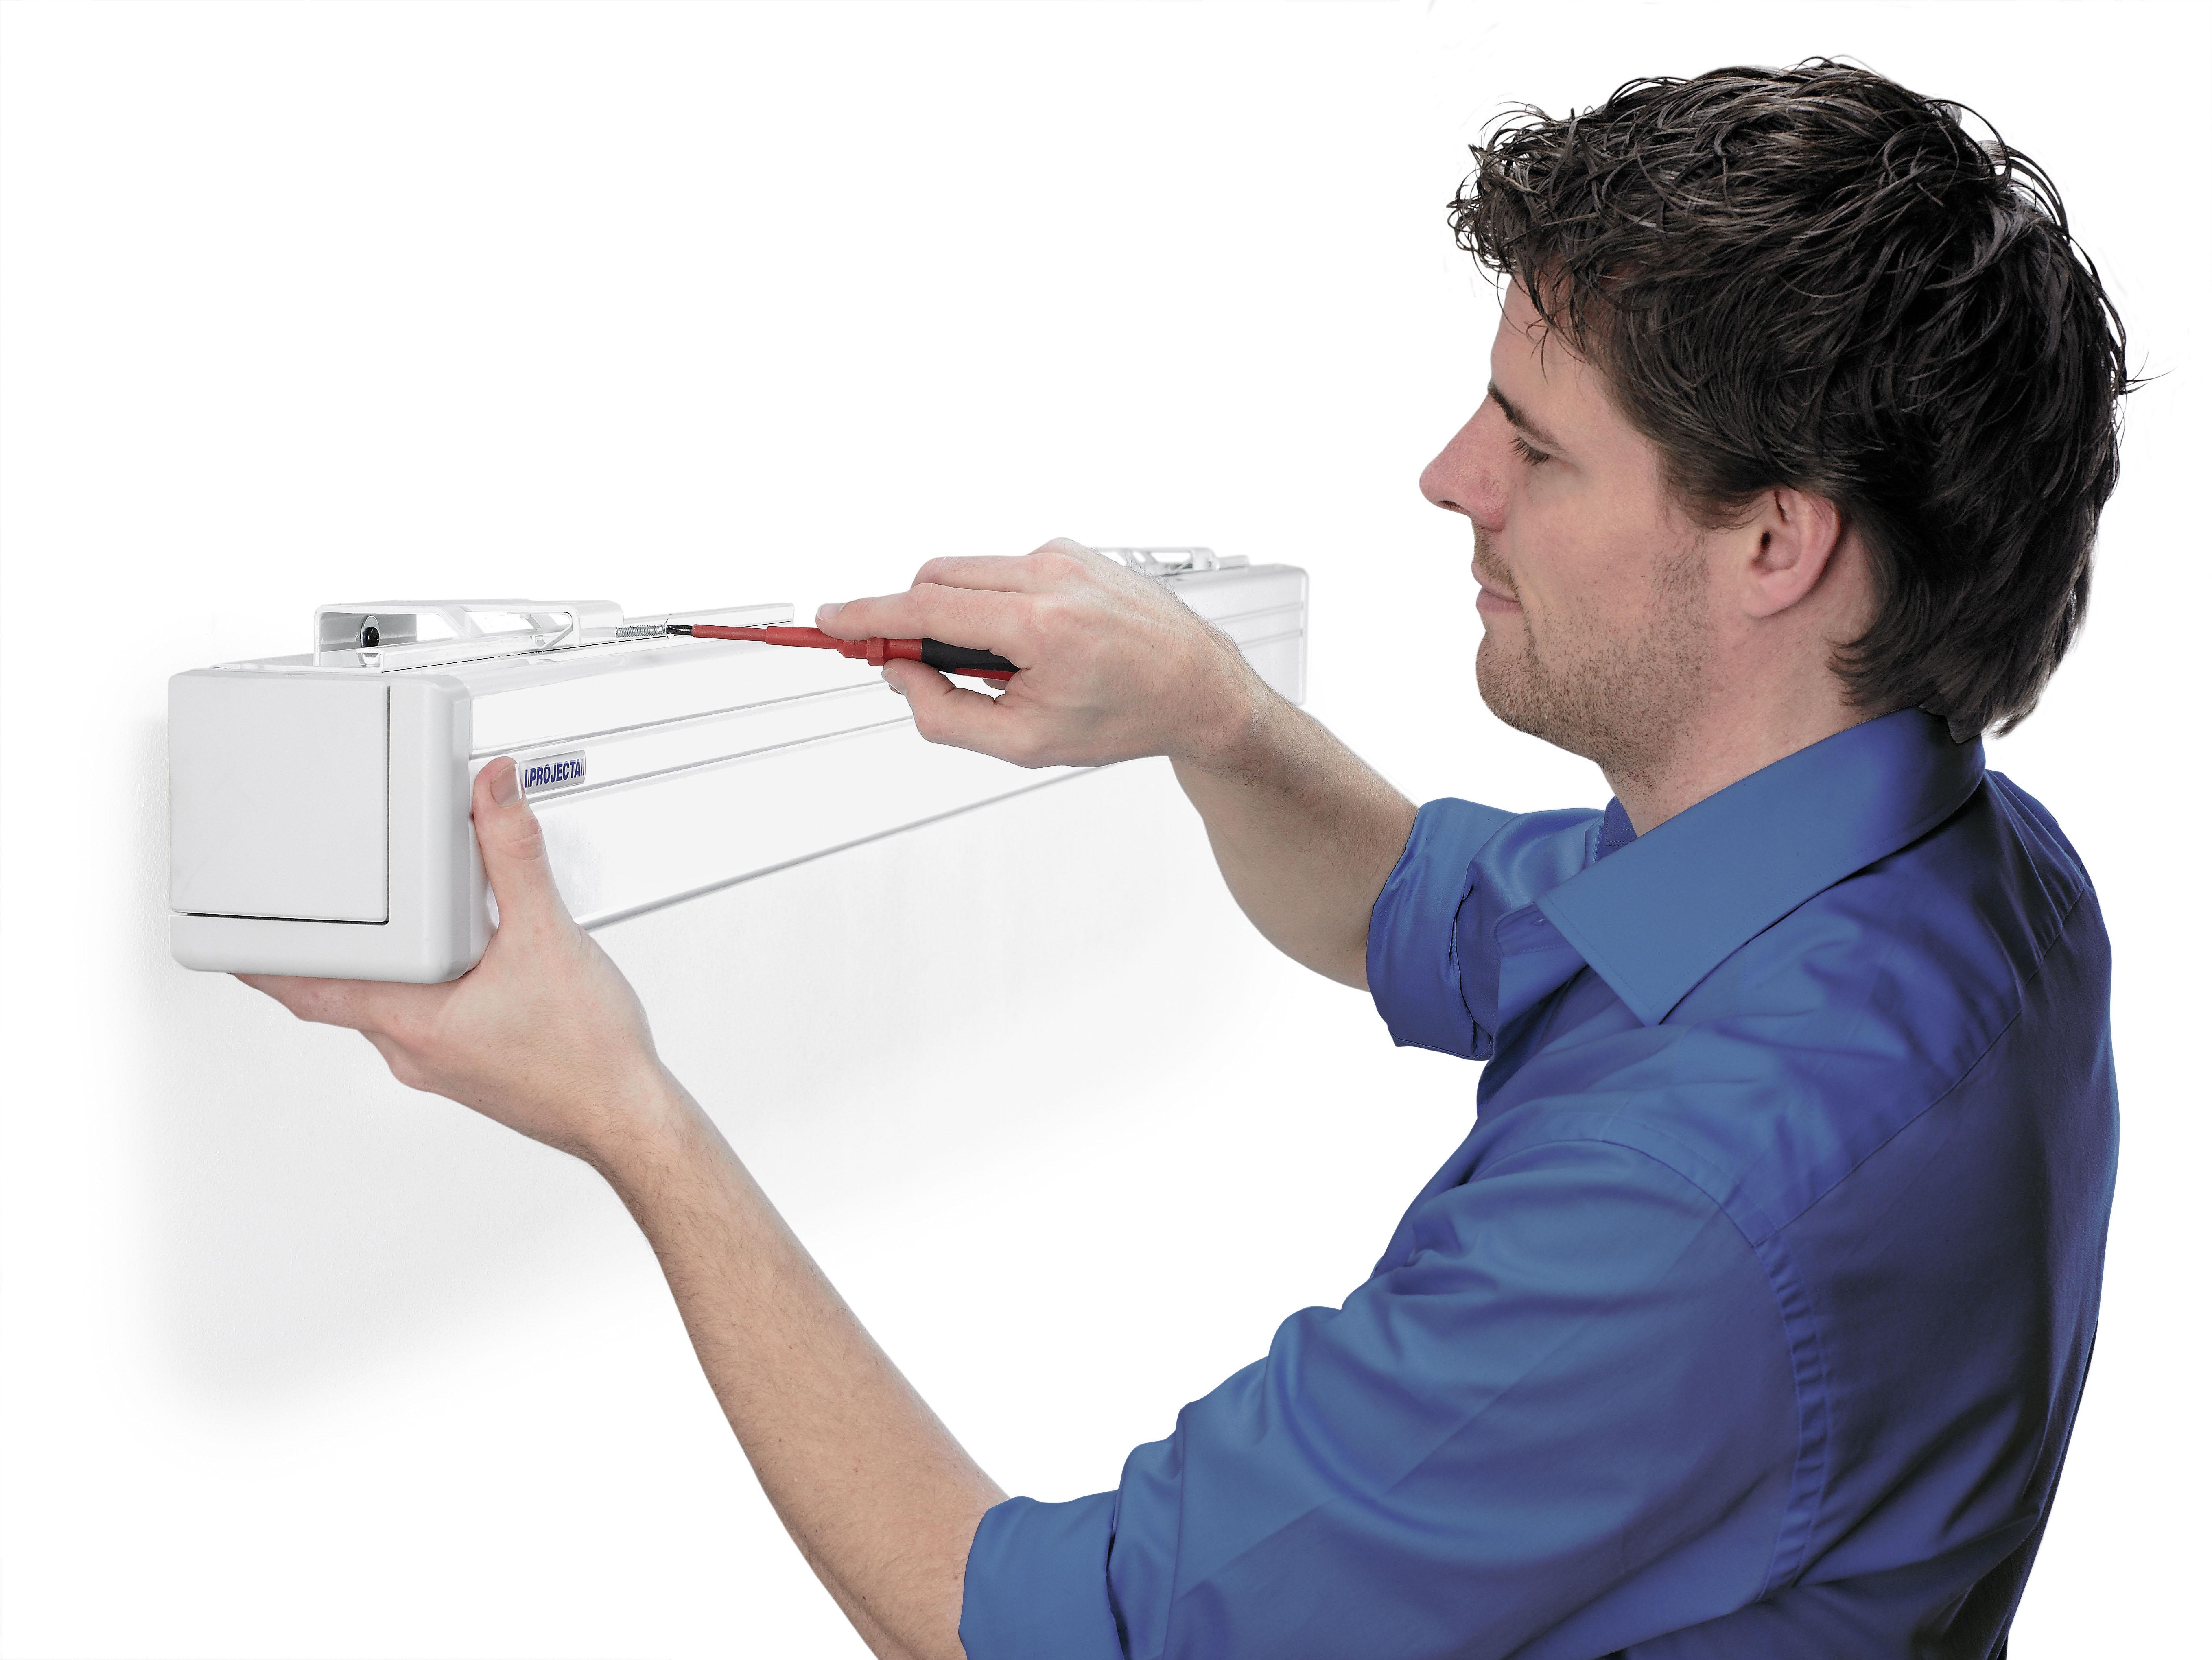 """Projecta Compact Electrol 138x180 Matte White S 84"""" 4:3 schermo per proiettore"""